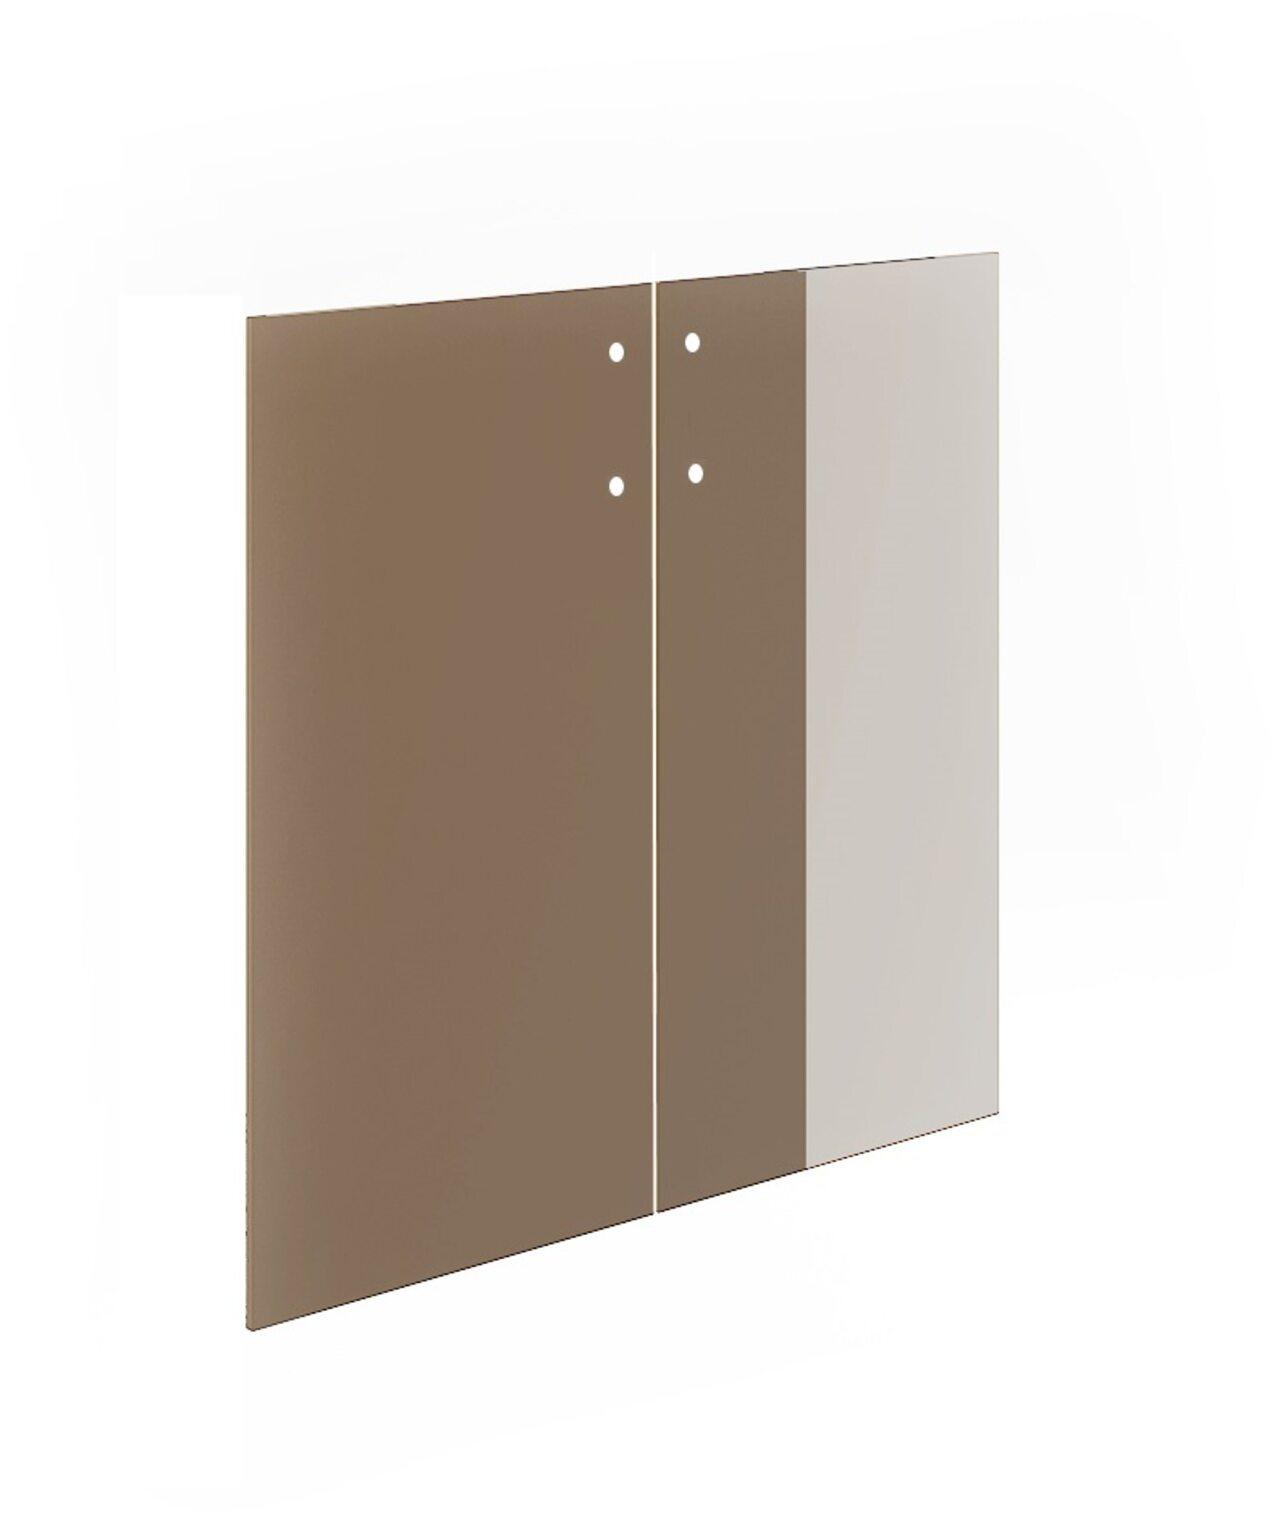 Тонированные стекла низких дверей  Статус  - фото 1